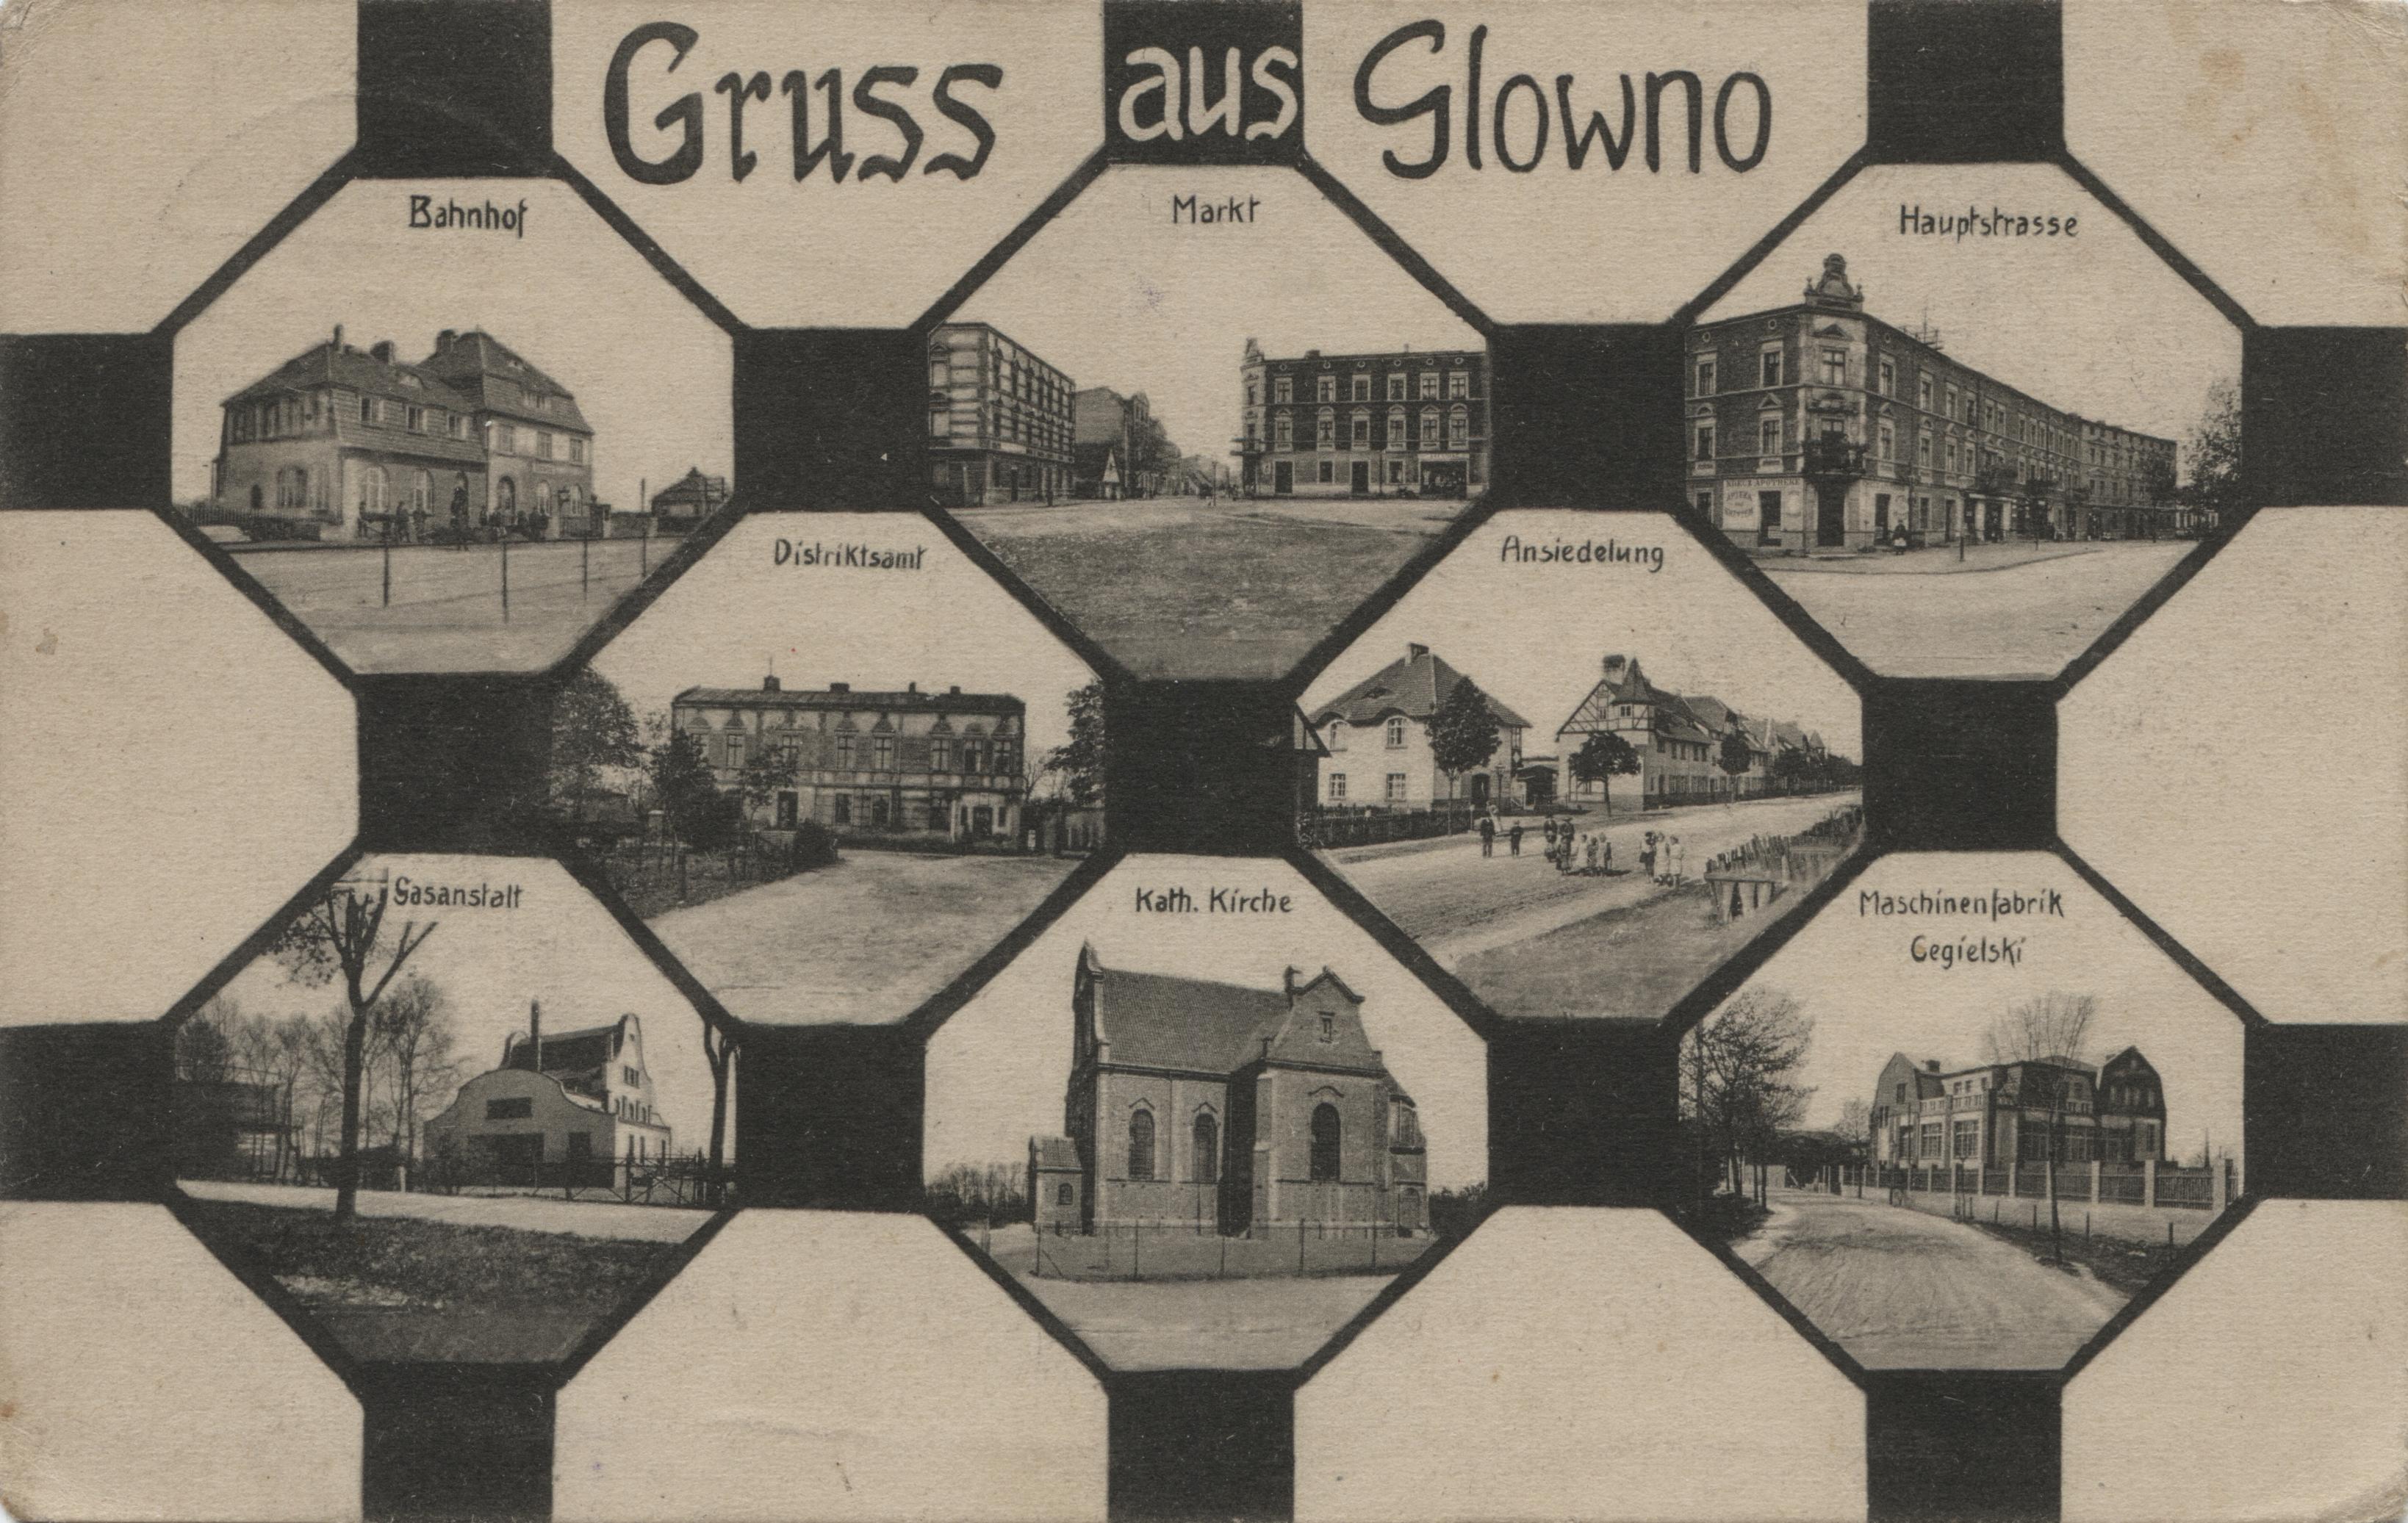 Gruss aus Glowno. Ośmioobrazkowa karta pocztowa z widokami Głównej. [1] Bahnhof (dworzec kolejowy); [2] Markt (Rynek Wschodni); [3] Hauptstrasse (ulica Główna); [4] Distriktsamt; [5] Ansiedelung (kolonia Karlsbunne); [6] Gasanstalt (Gazownia); [7] Kath. Kirche (kościół katolicki); [8] Maschinenfabrik Cegielski (fabryka Cegielskiego). Ze zbiorów Biblioteki Uniwersyteckiej w Poznaniu.